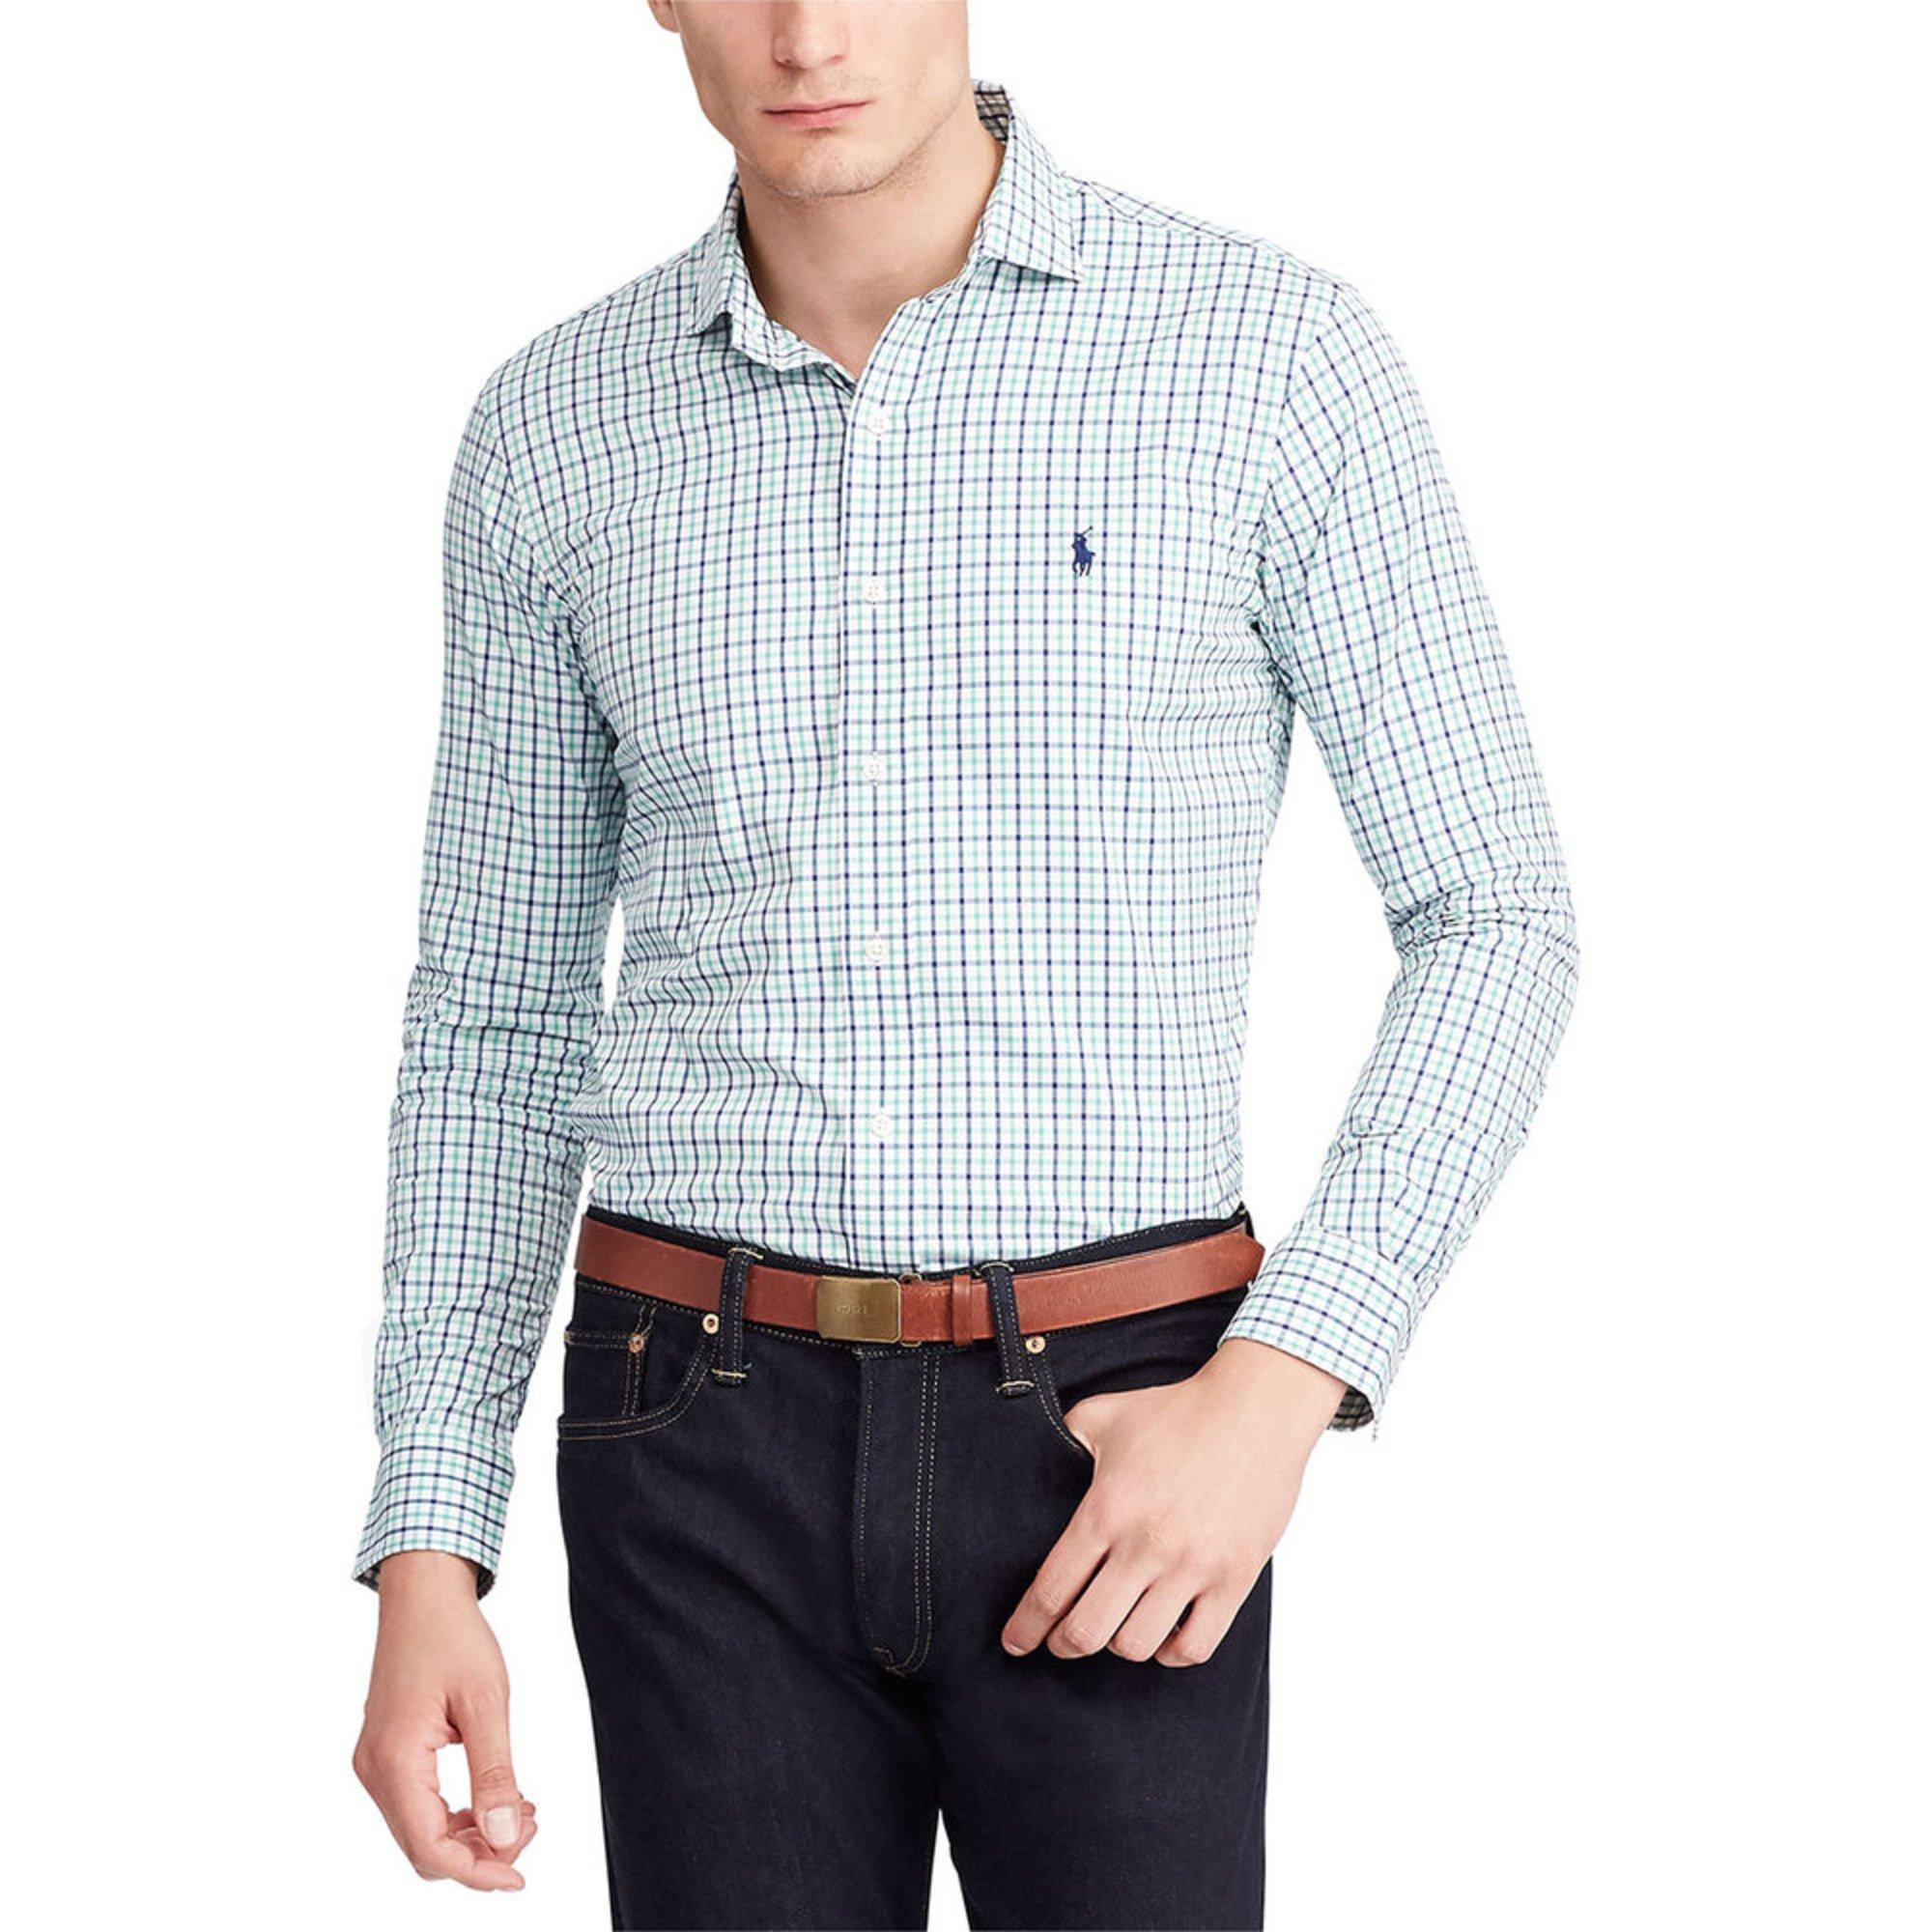 6843528c4 Polo Ralph Lauren. Polo Ralph Lauren Men s Long Sleeve Performance Twill  Plaid Sport Shirt